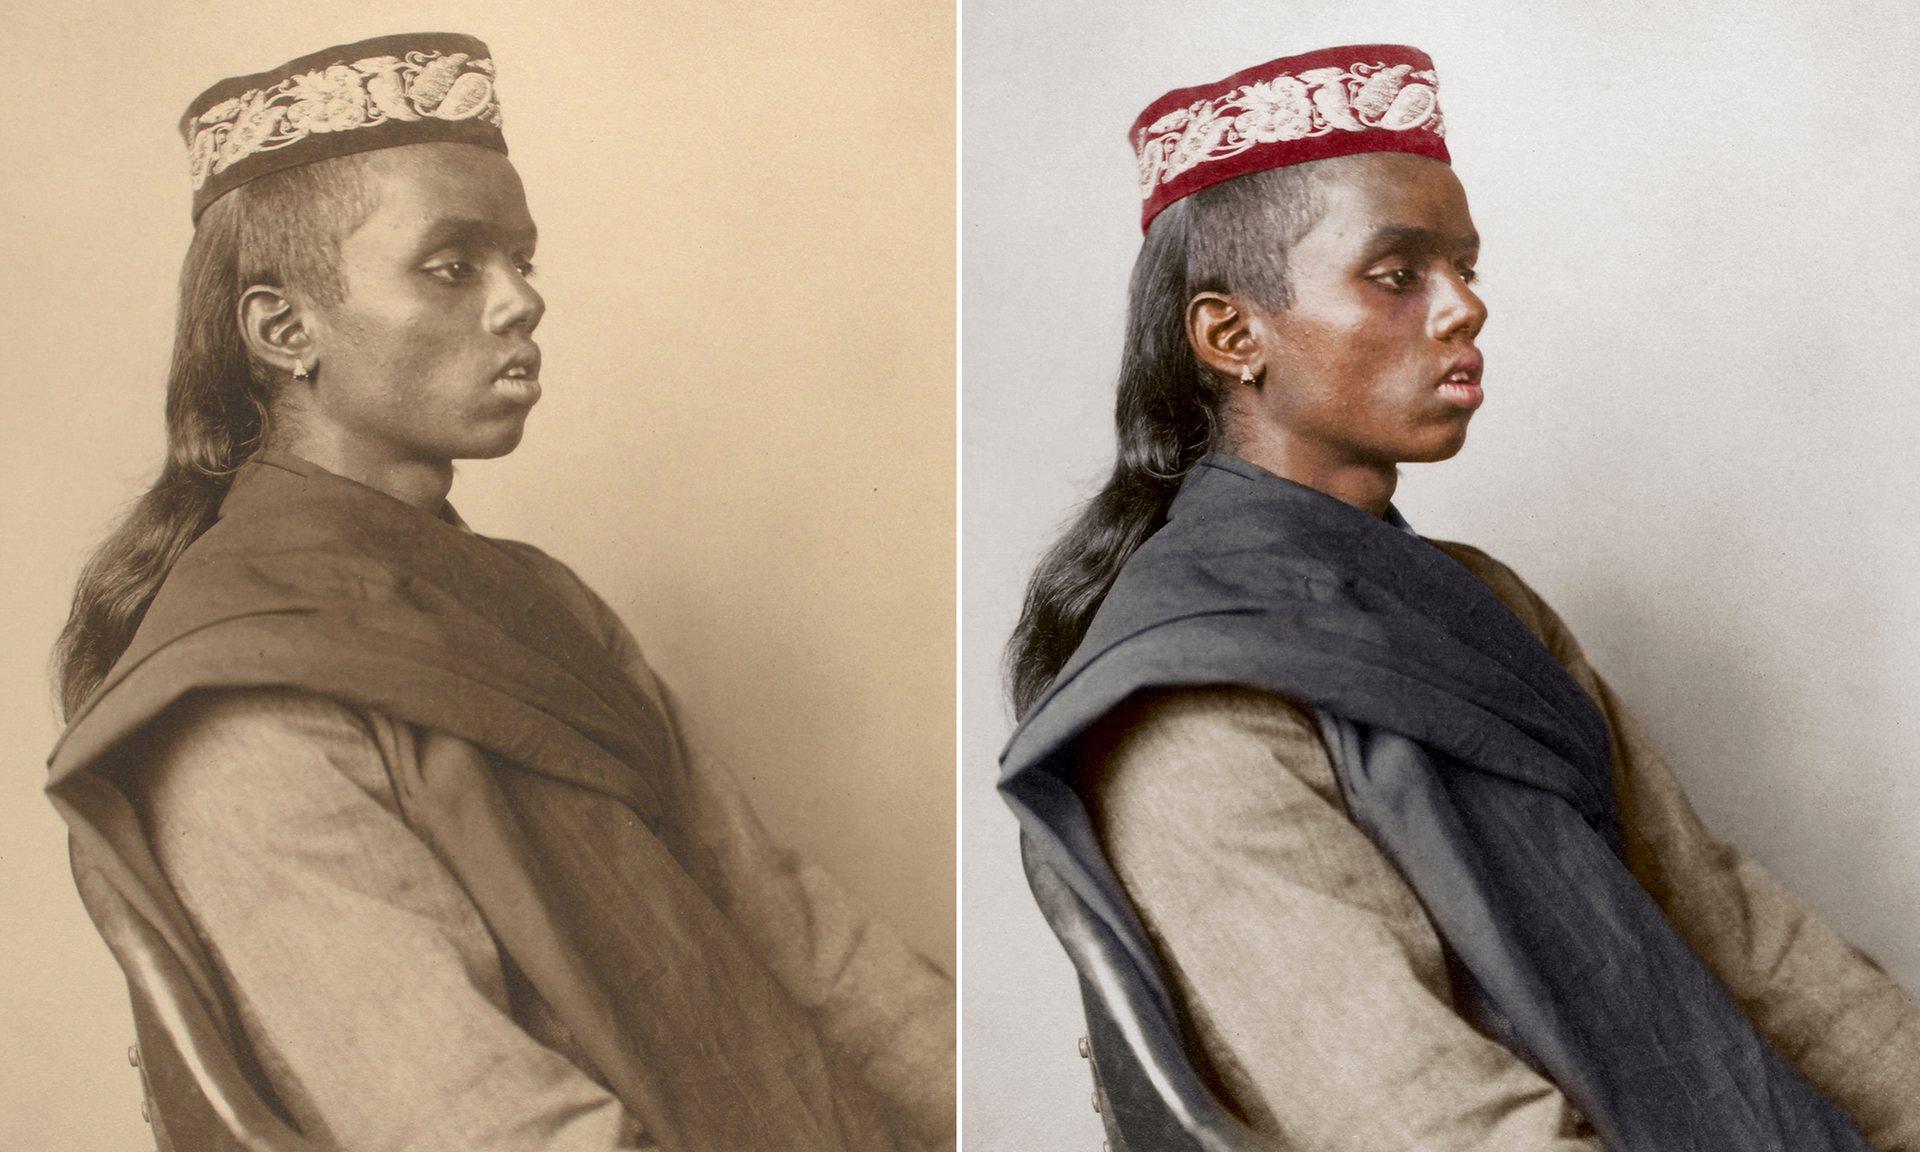 Un niño hindú alrededor de 1911, llevaba una gorra y un manto de oración hilado a mano